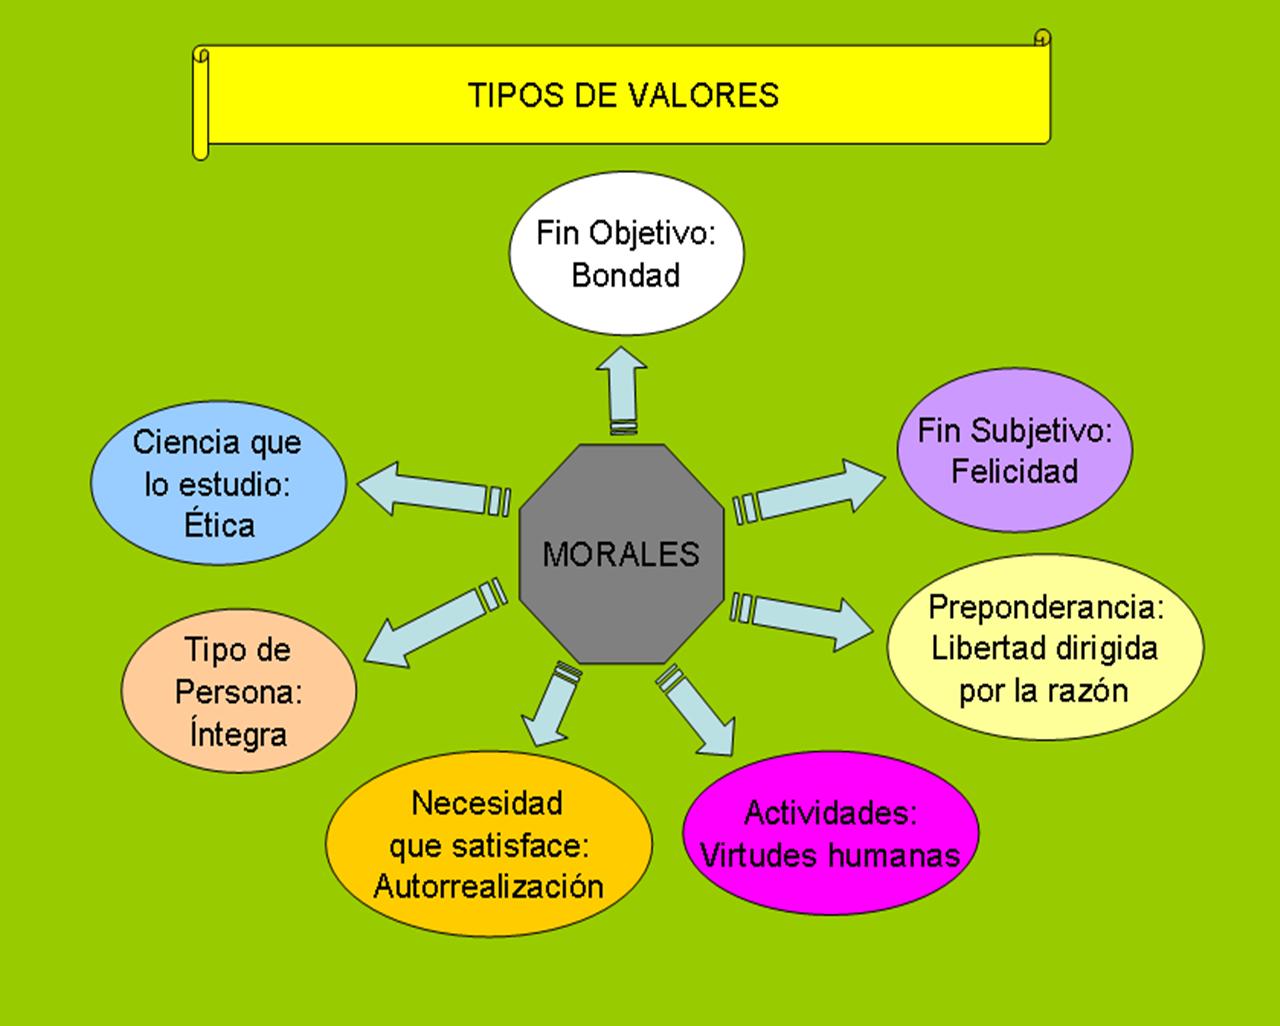 arbol de valores morales imagui